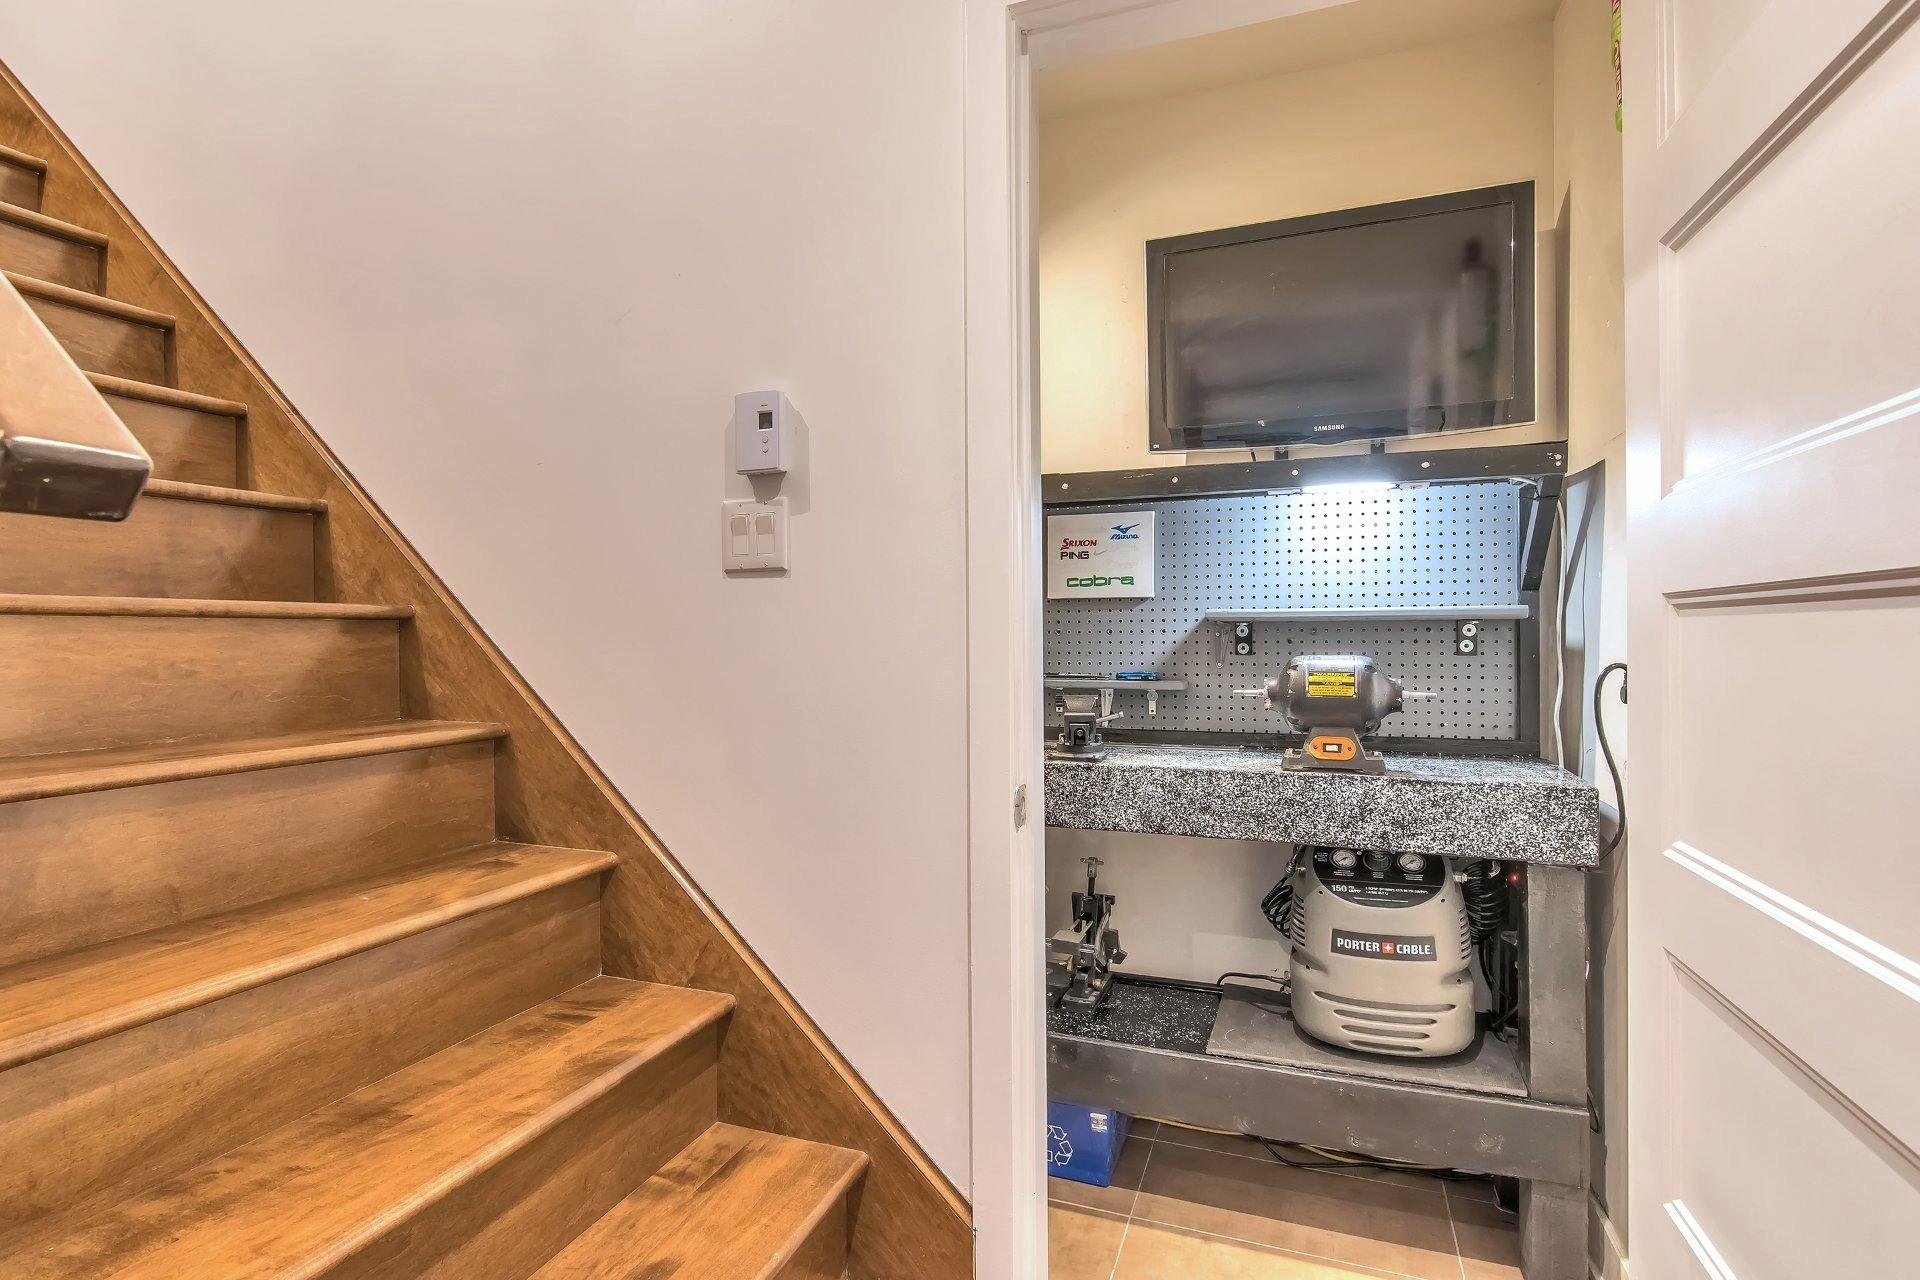 image 25 - Apartment For sale Rosemont/La Petite-Patrie Montréal  - 7 rooms